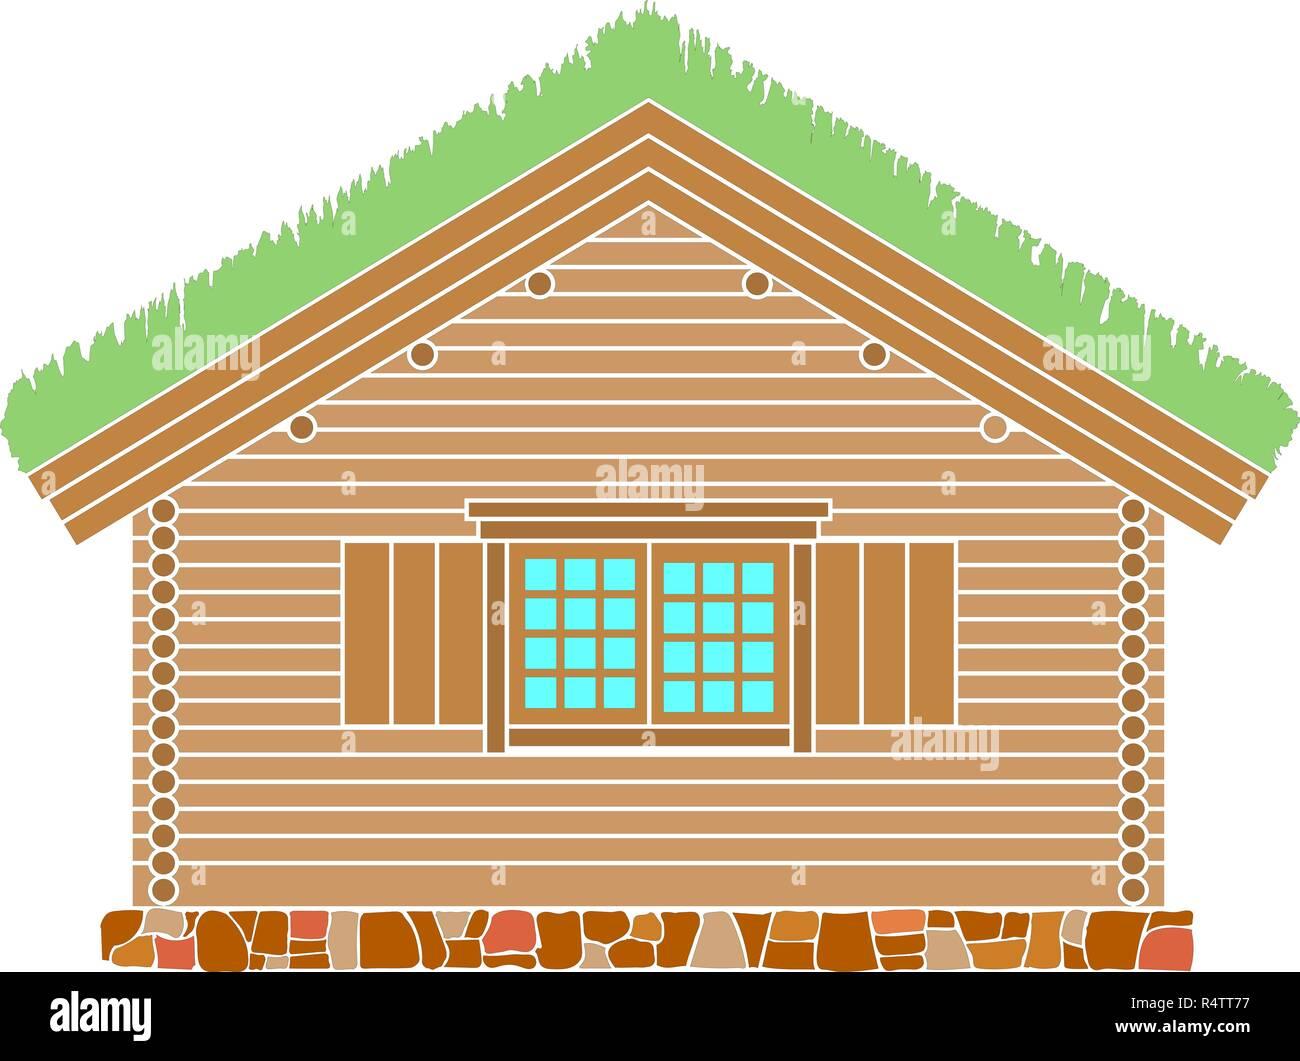 Maison traditionnelle norvégienne de bois rond . Le toit est recouvert de greensward. Vector illustration. La couleur d'ossature. Photo Stock